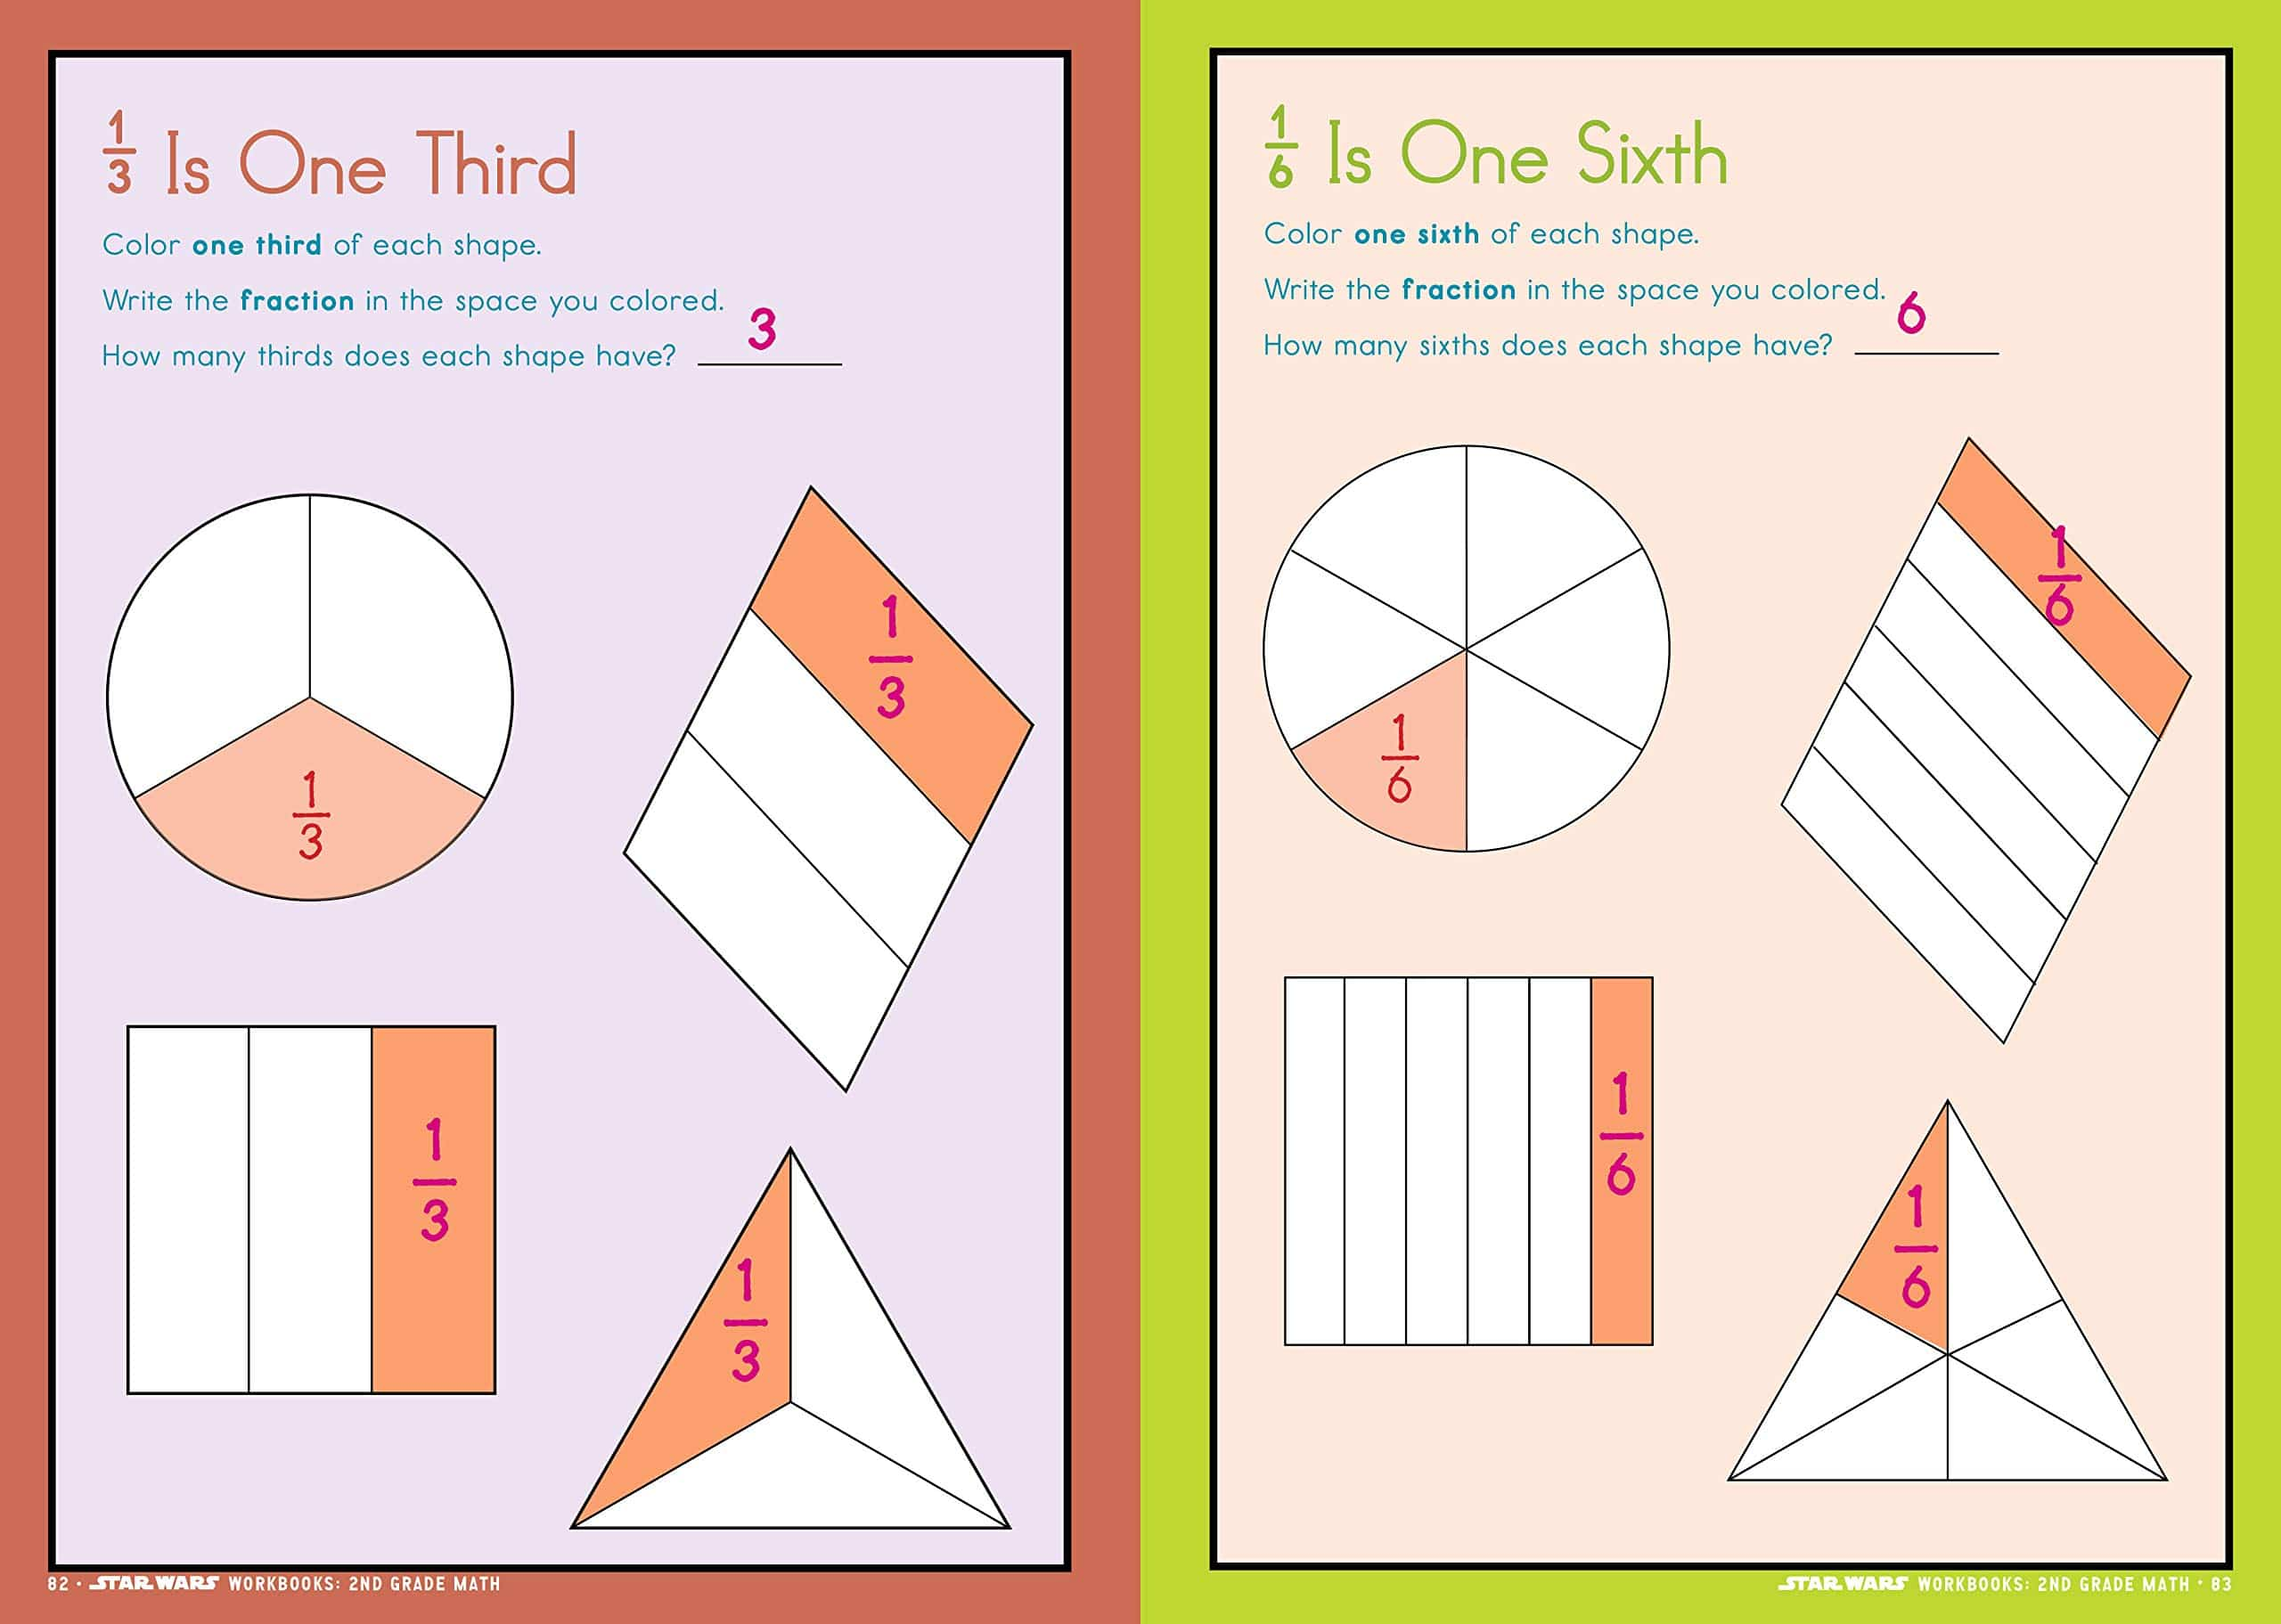 Star Wars Workbook 1st Grade Math